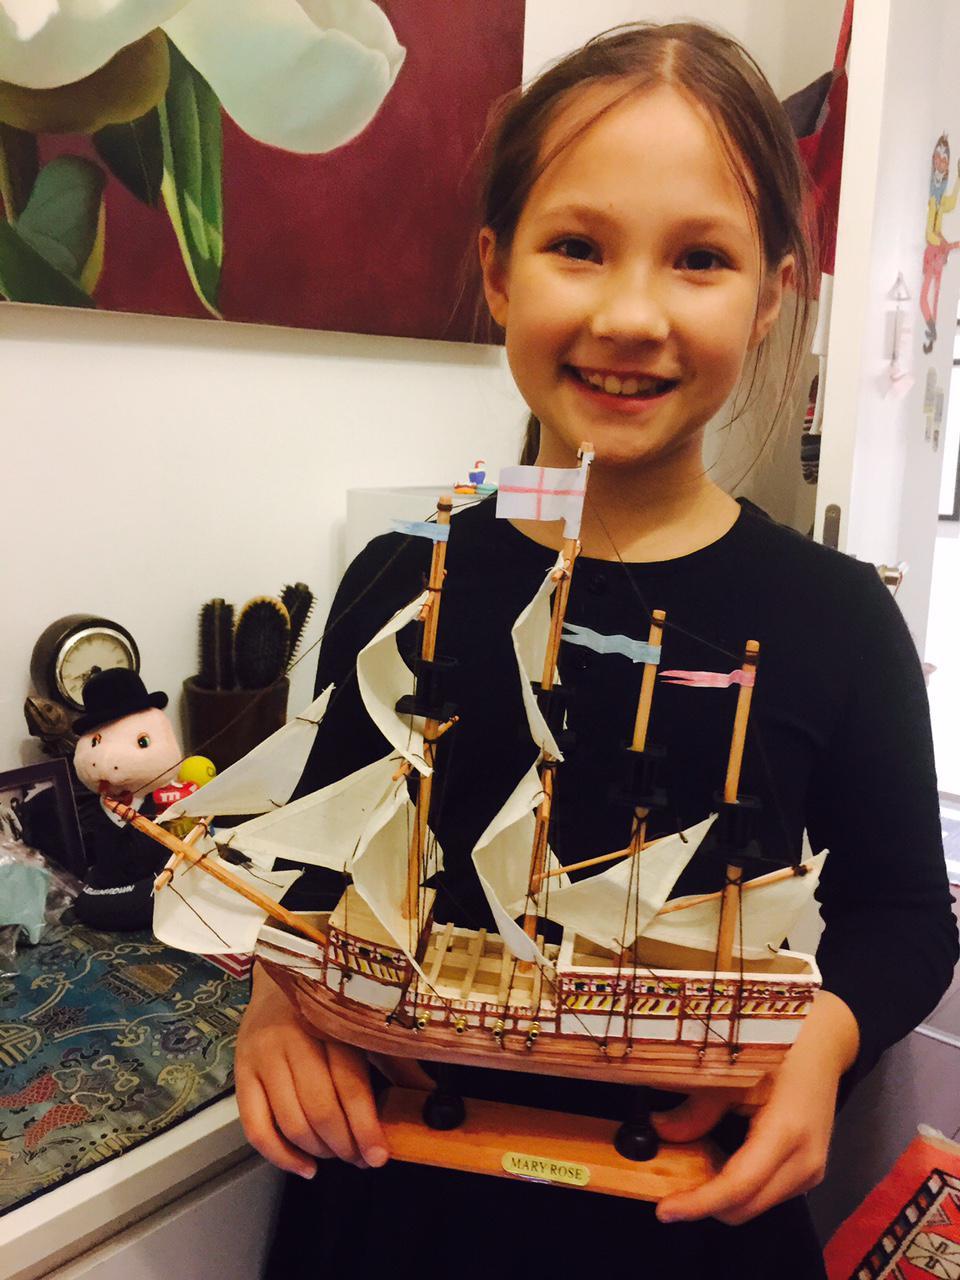 Sybil's Ship